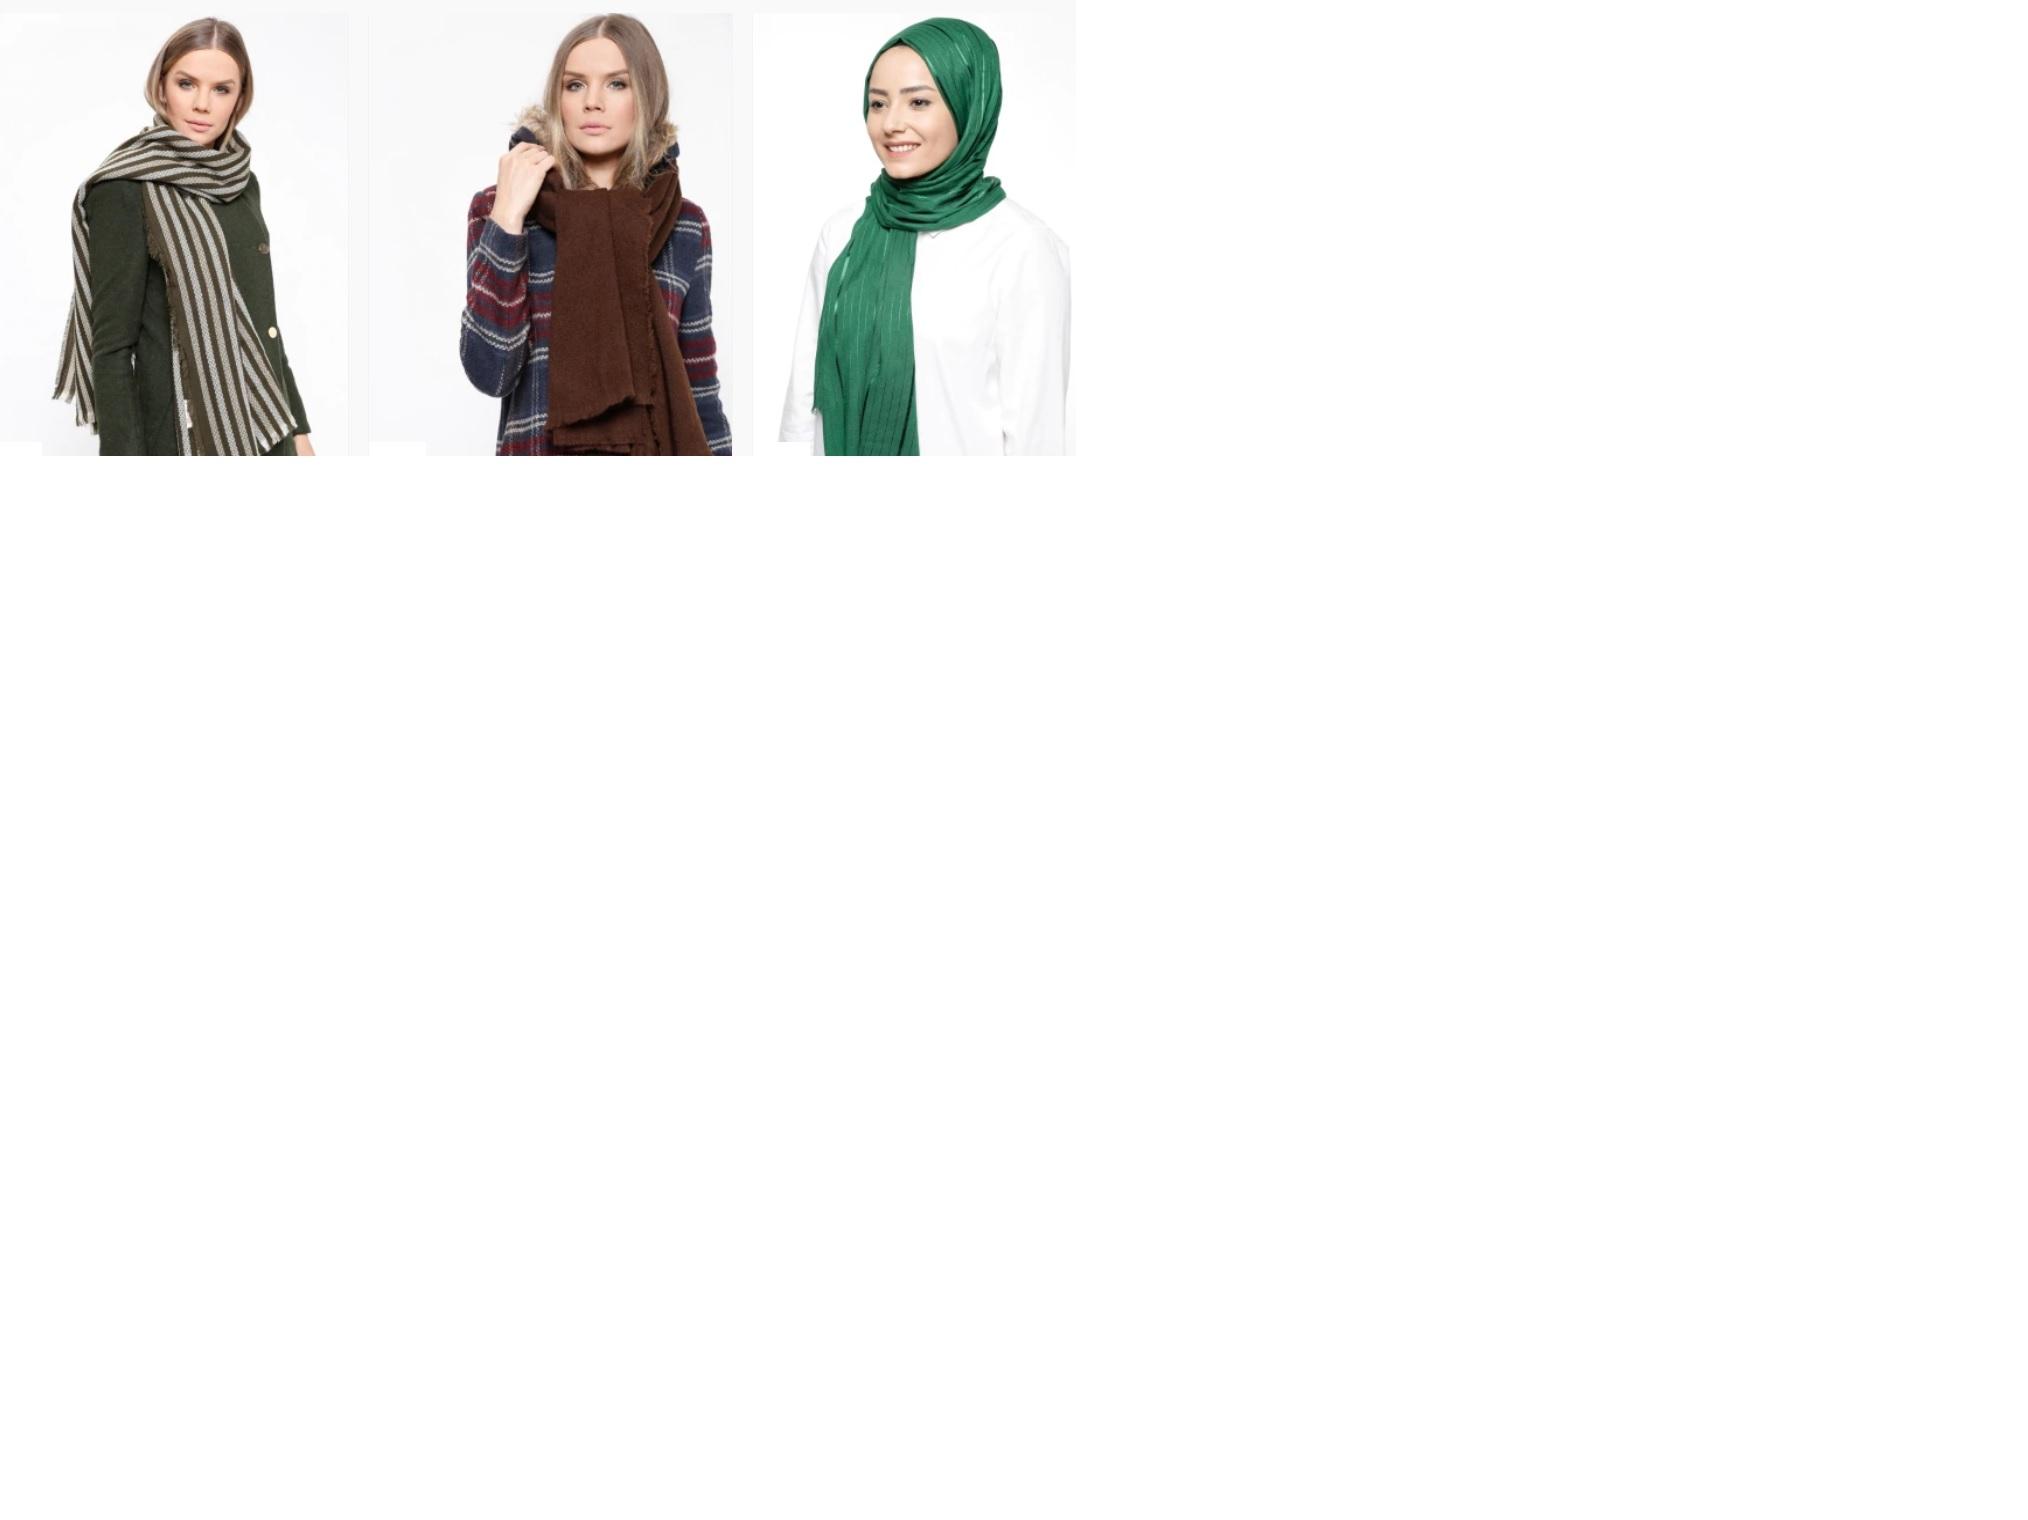 women's Shawls, Scraf, Hijabs/Shawls